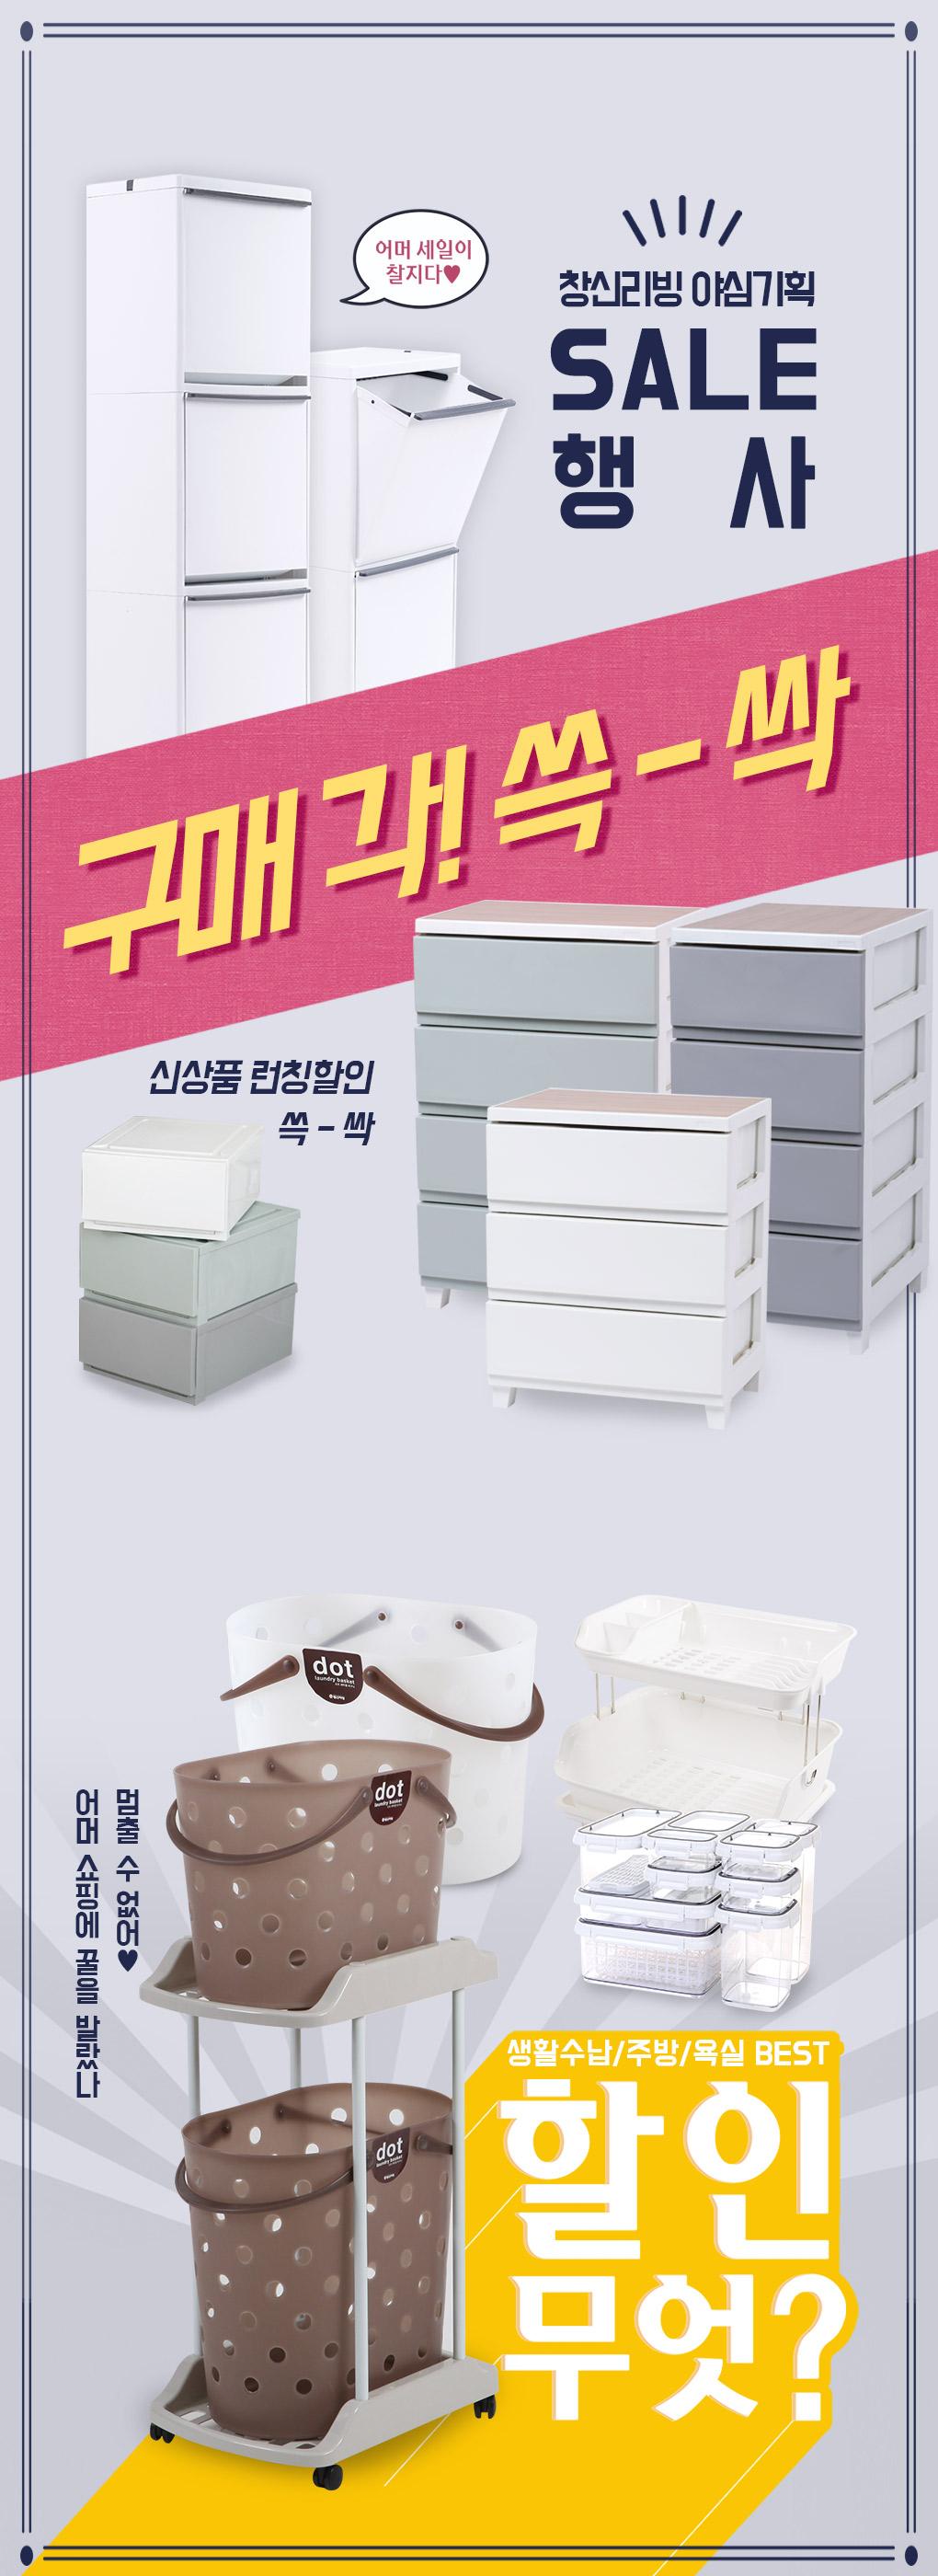 [창신리빙] 신상품런칭&BEST 상품 특가기획